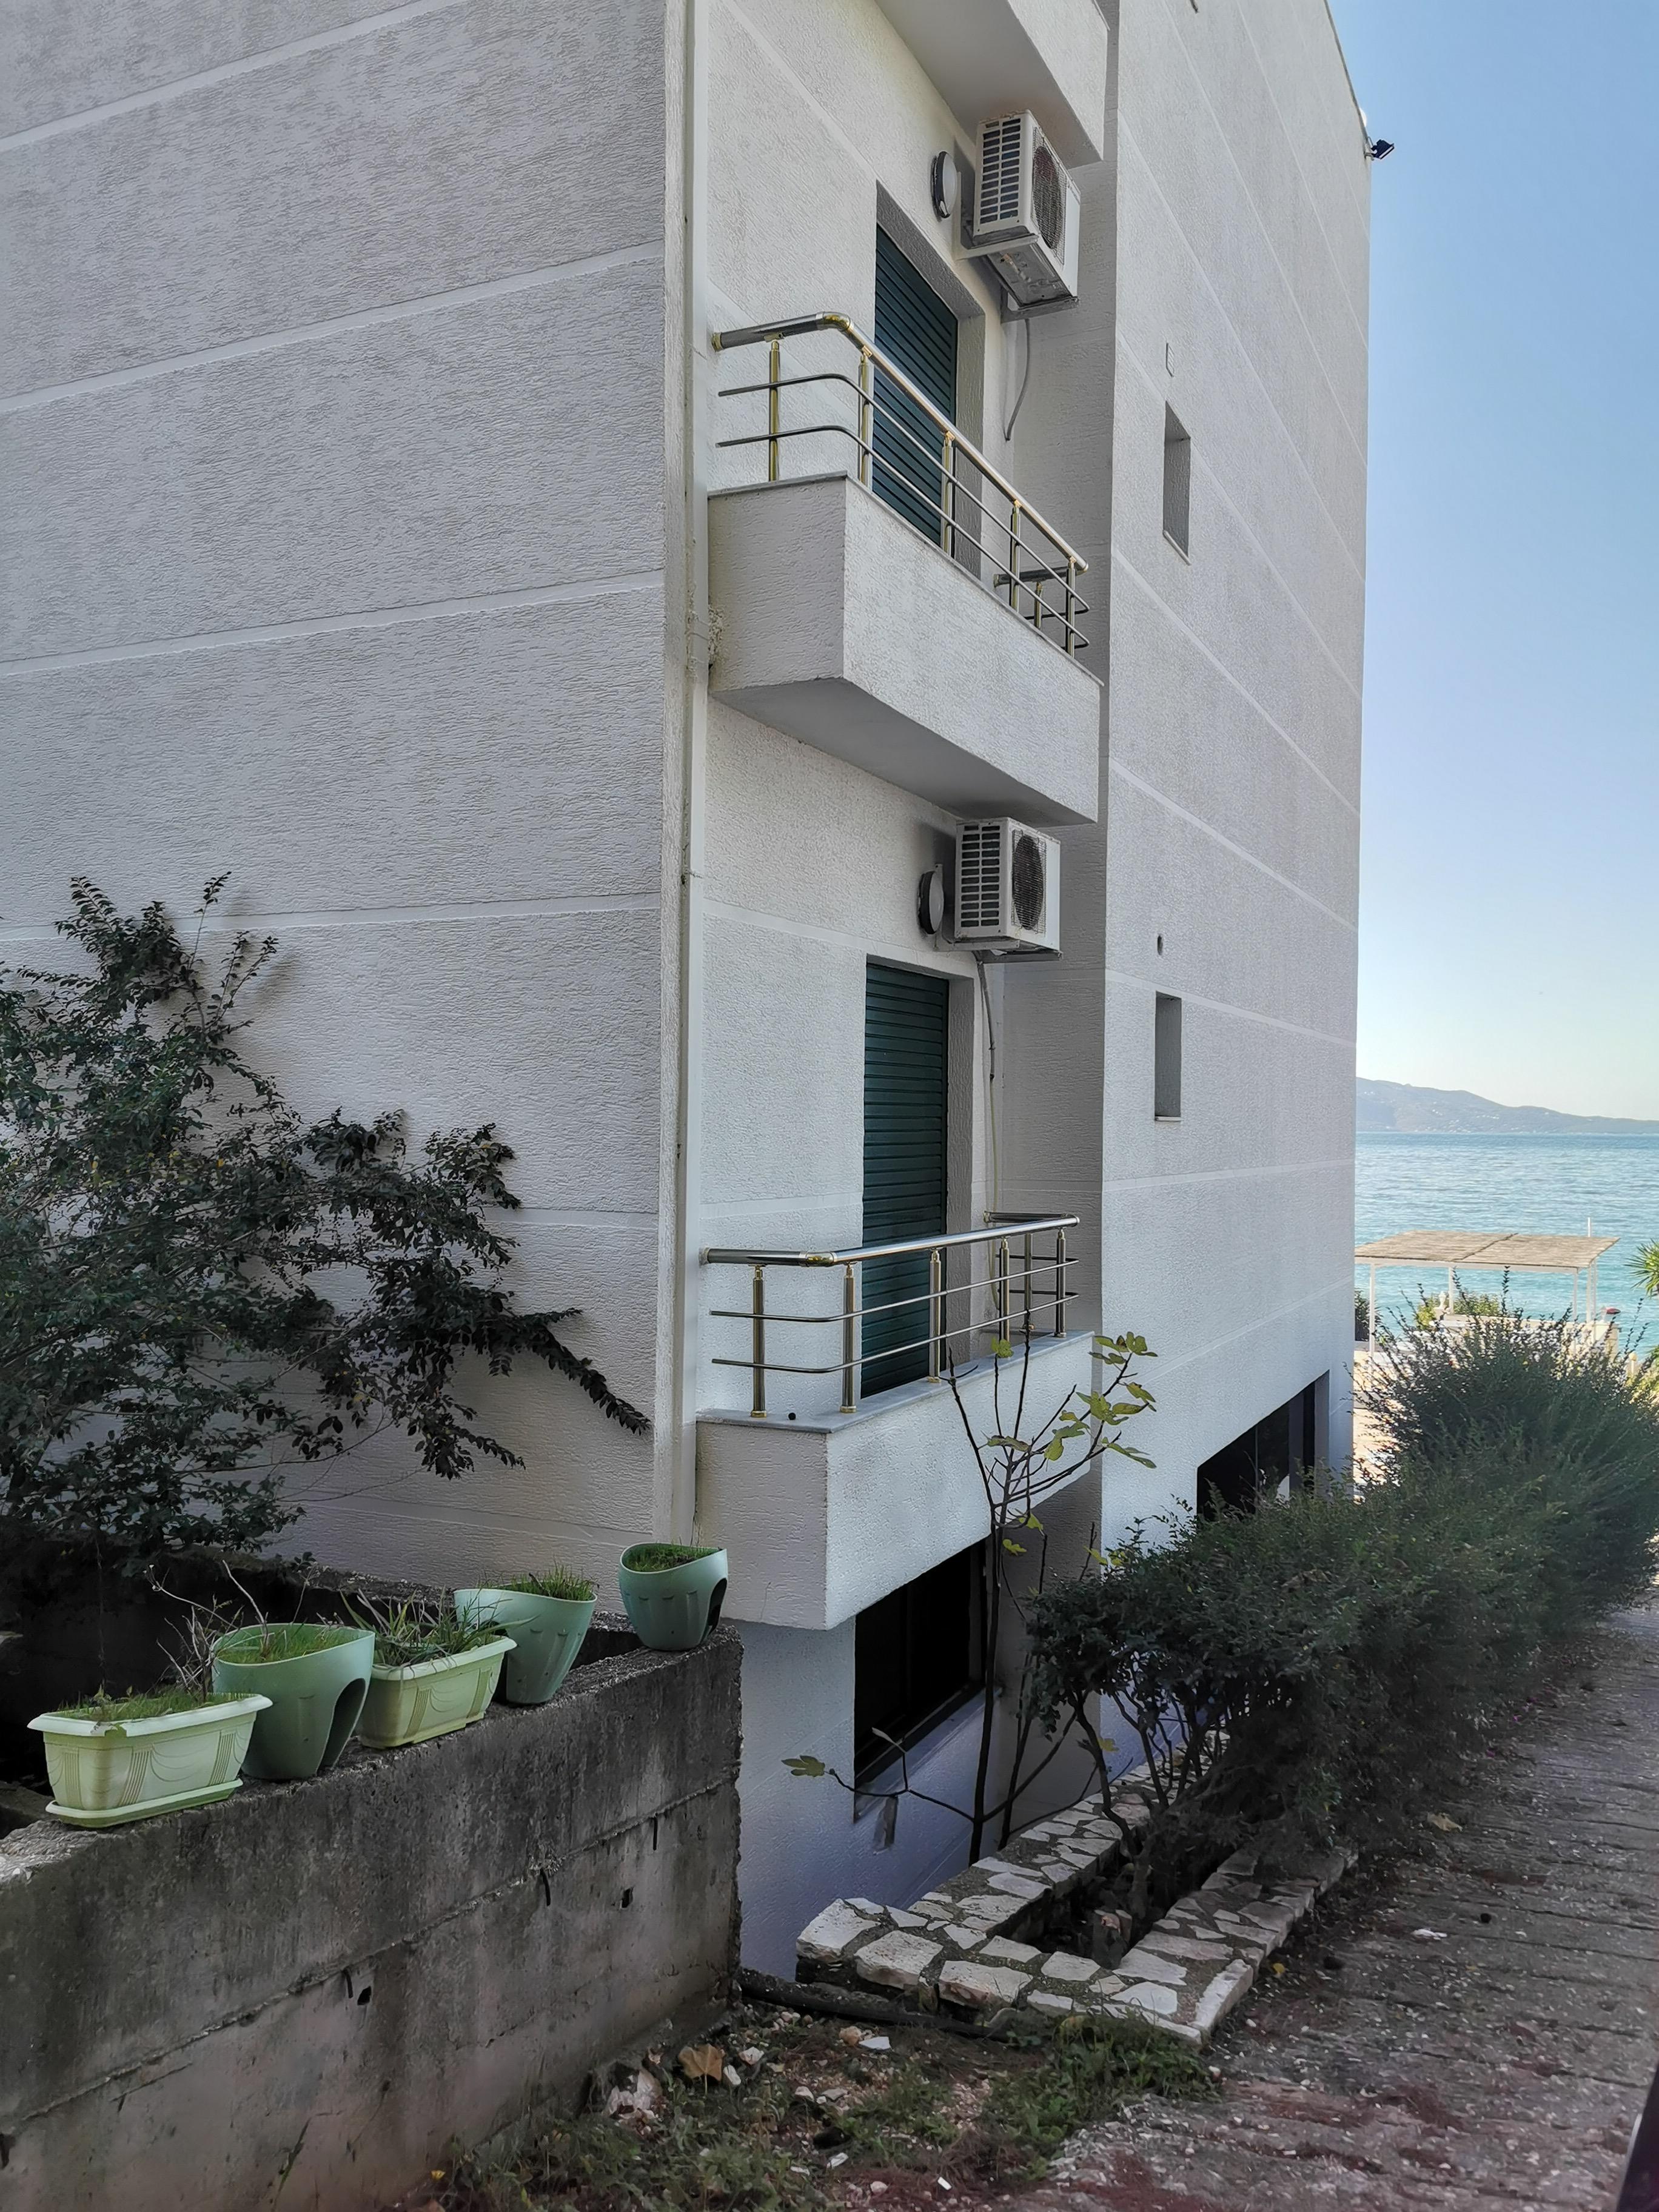 Letovanje Albanija hoteli, Saranda, autobus, Hotel Perla, bočni pogled